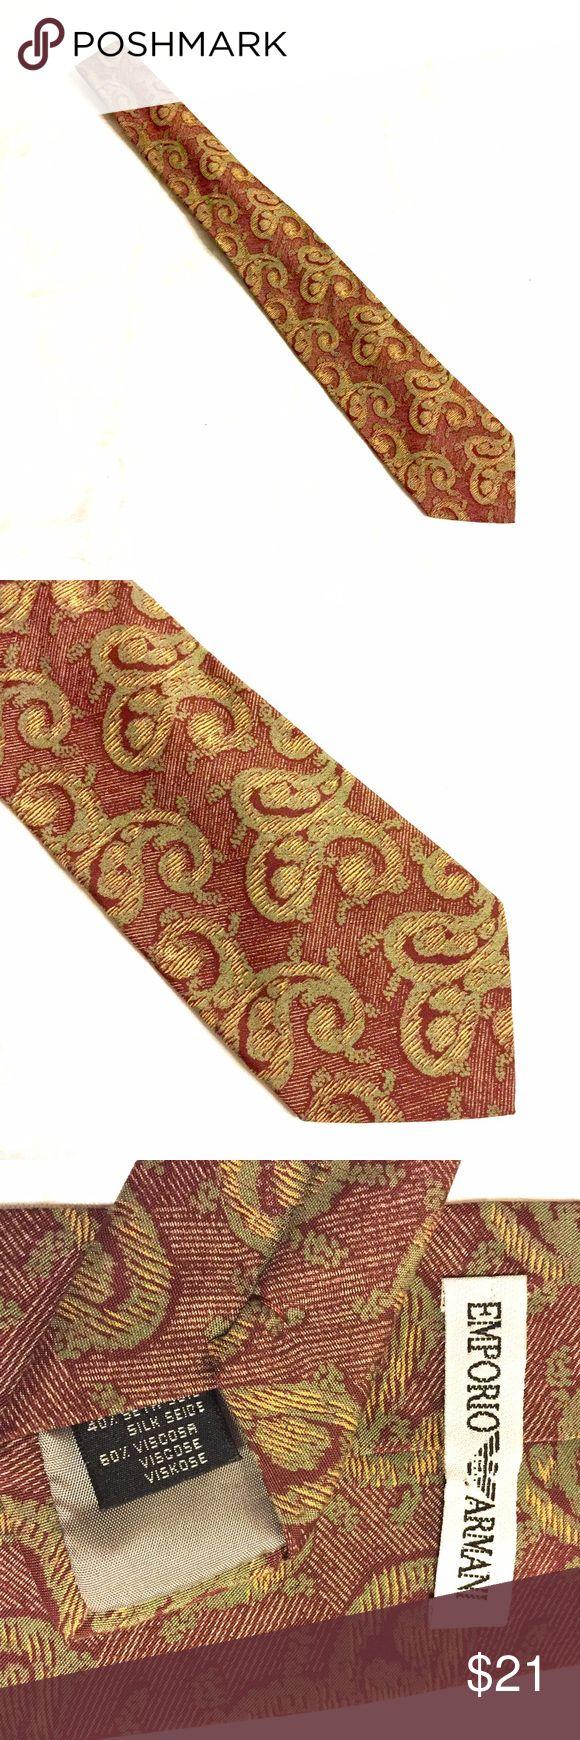 Emporio Armani Silk And Viscose Necktie 👔 Emporio Armani Necktie in good condition. Emporio Armani Accessories Ties